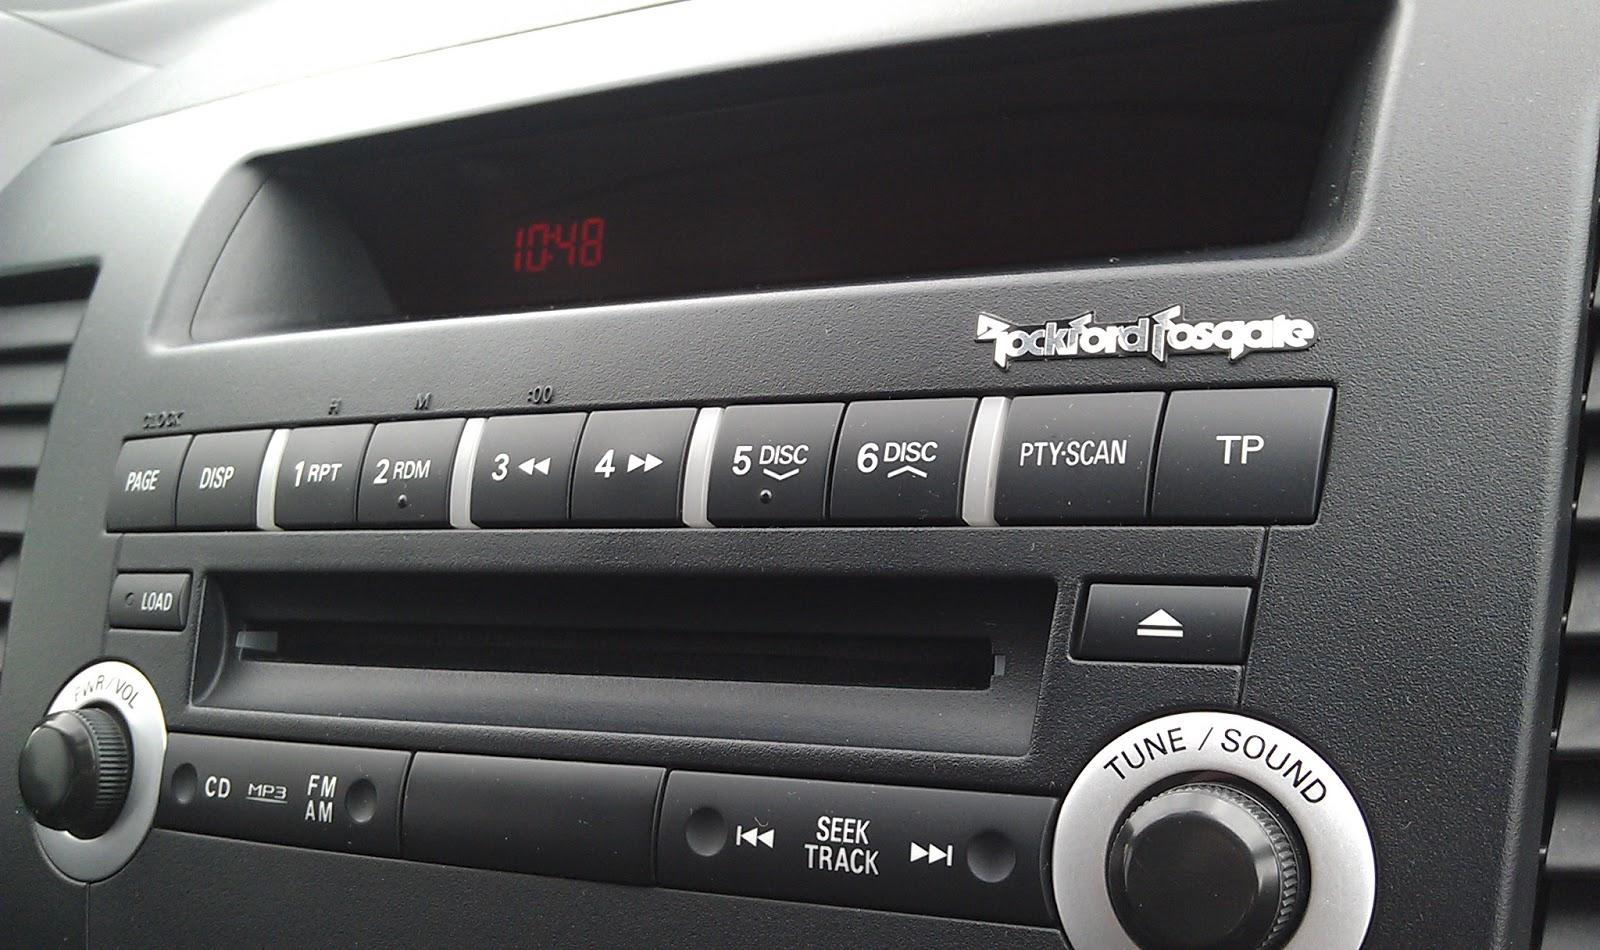 FM-verici - araç radyosunun ekonomik olarak iyileştirilmesi